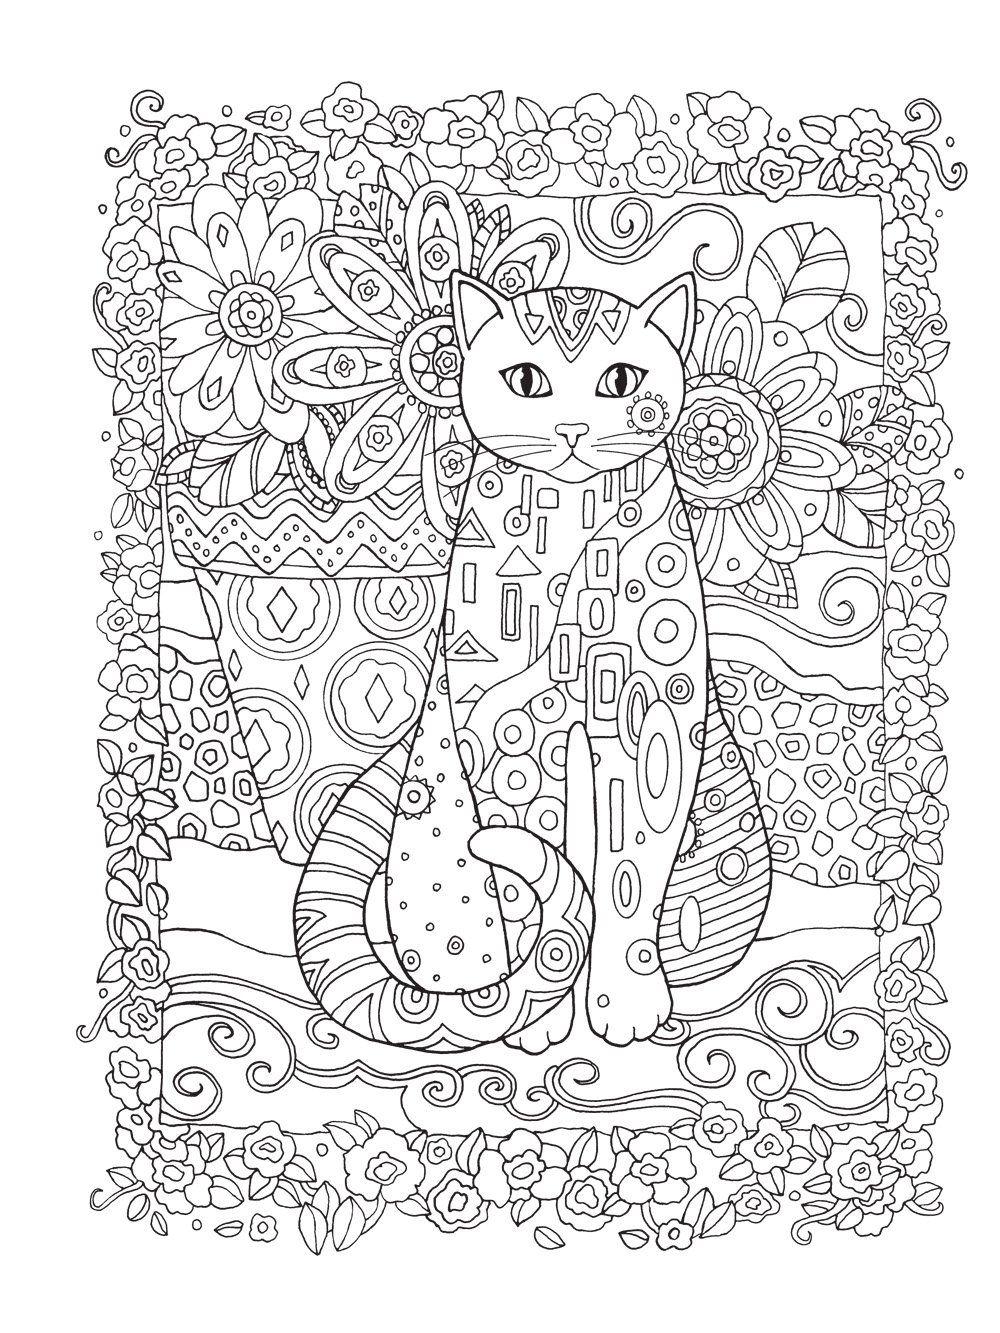 Gatos. O Livro de Colorir - Livros na Amazon.com.br | Coloring pages ...